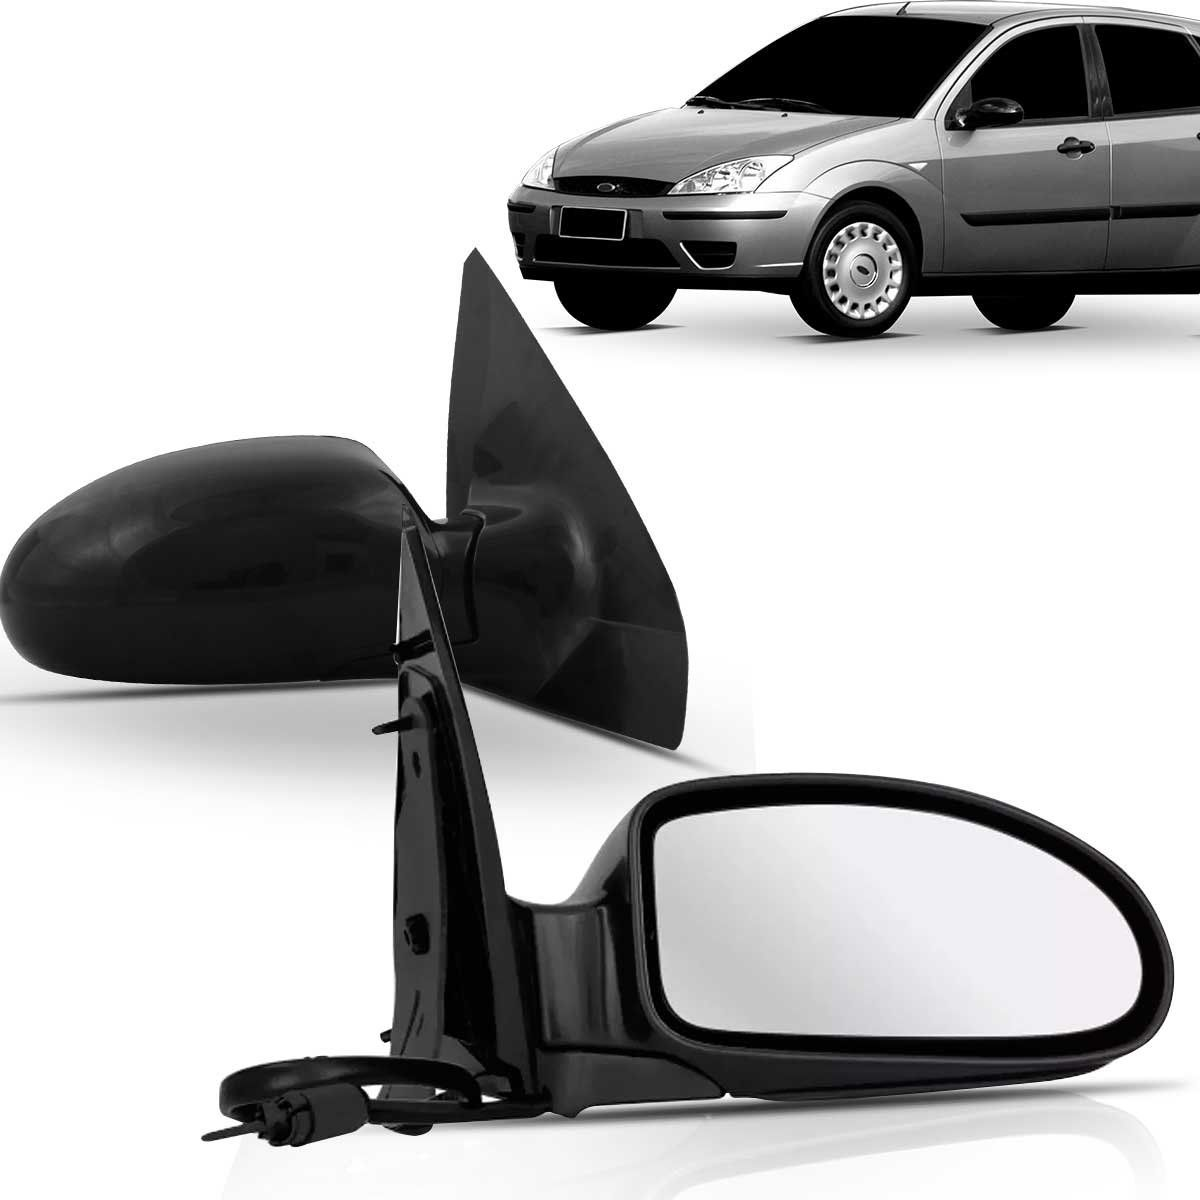 Espelho Retrovisor Externo Focus 2002 2003 2004 2005 2006 2007 2008 Controle Interno